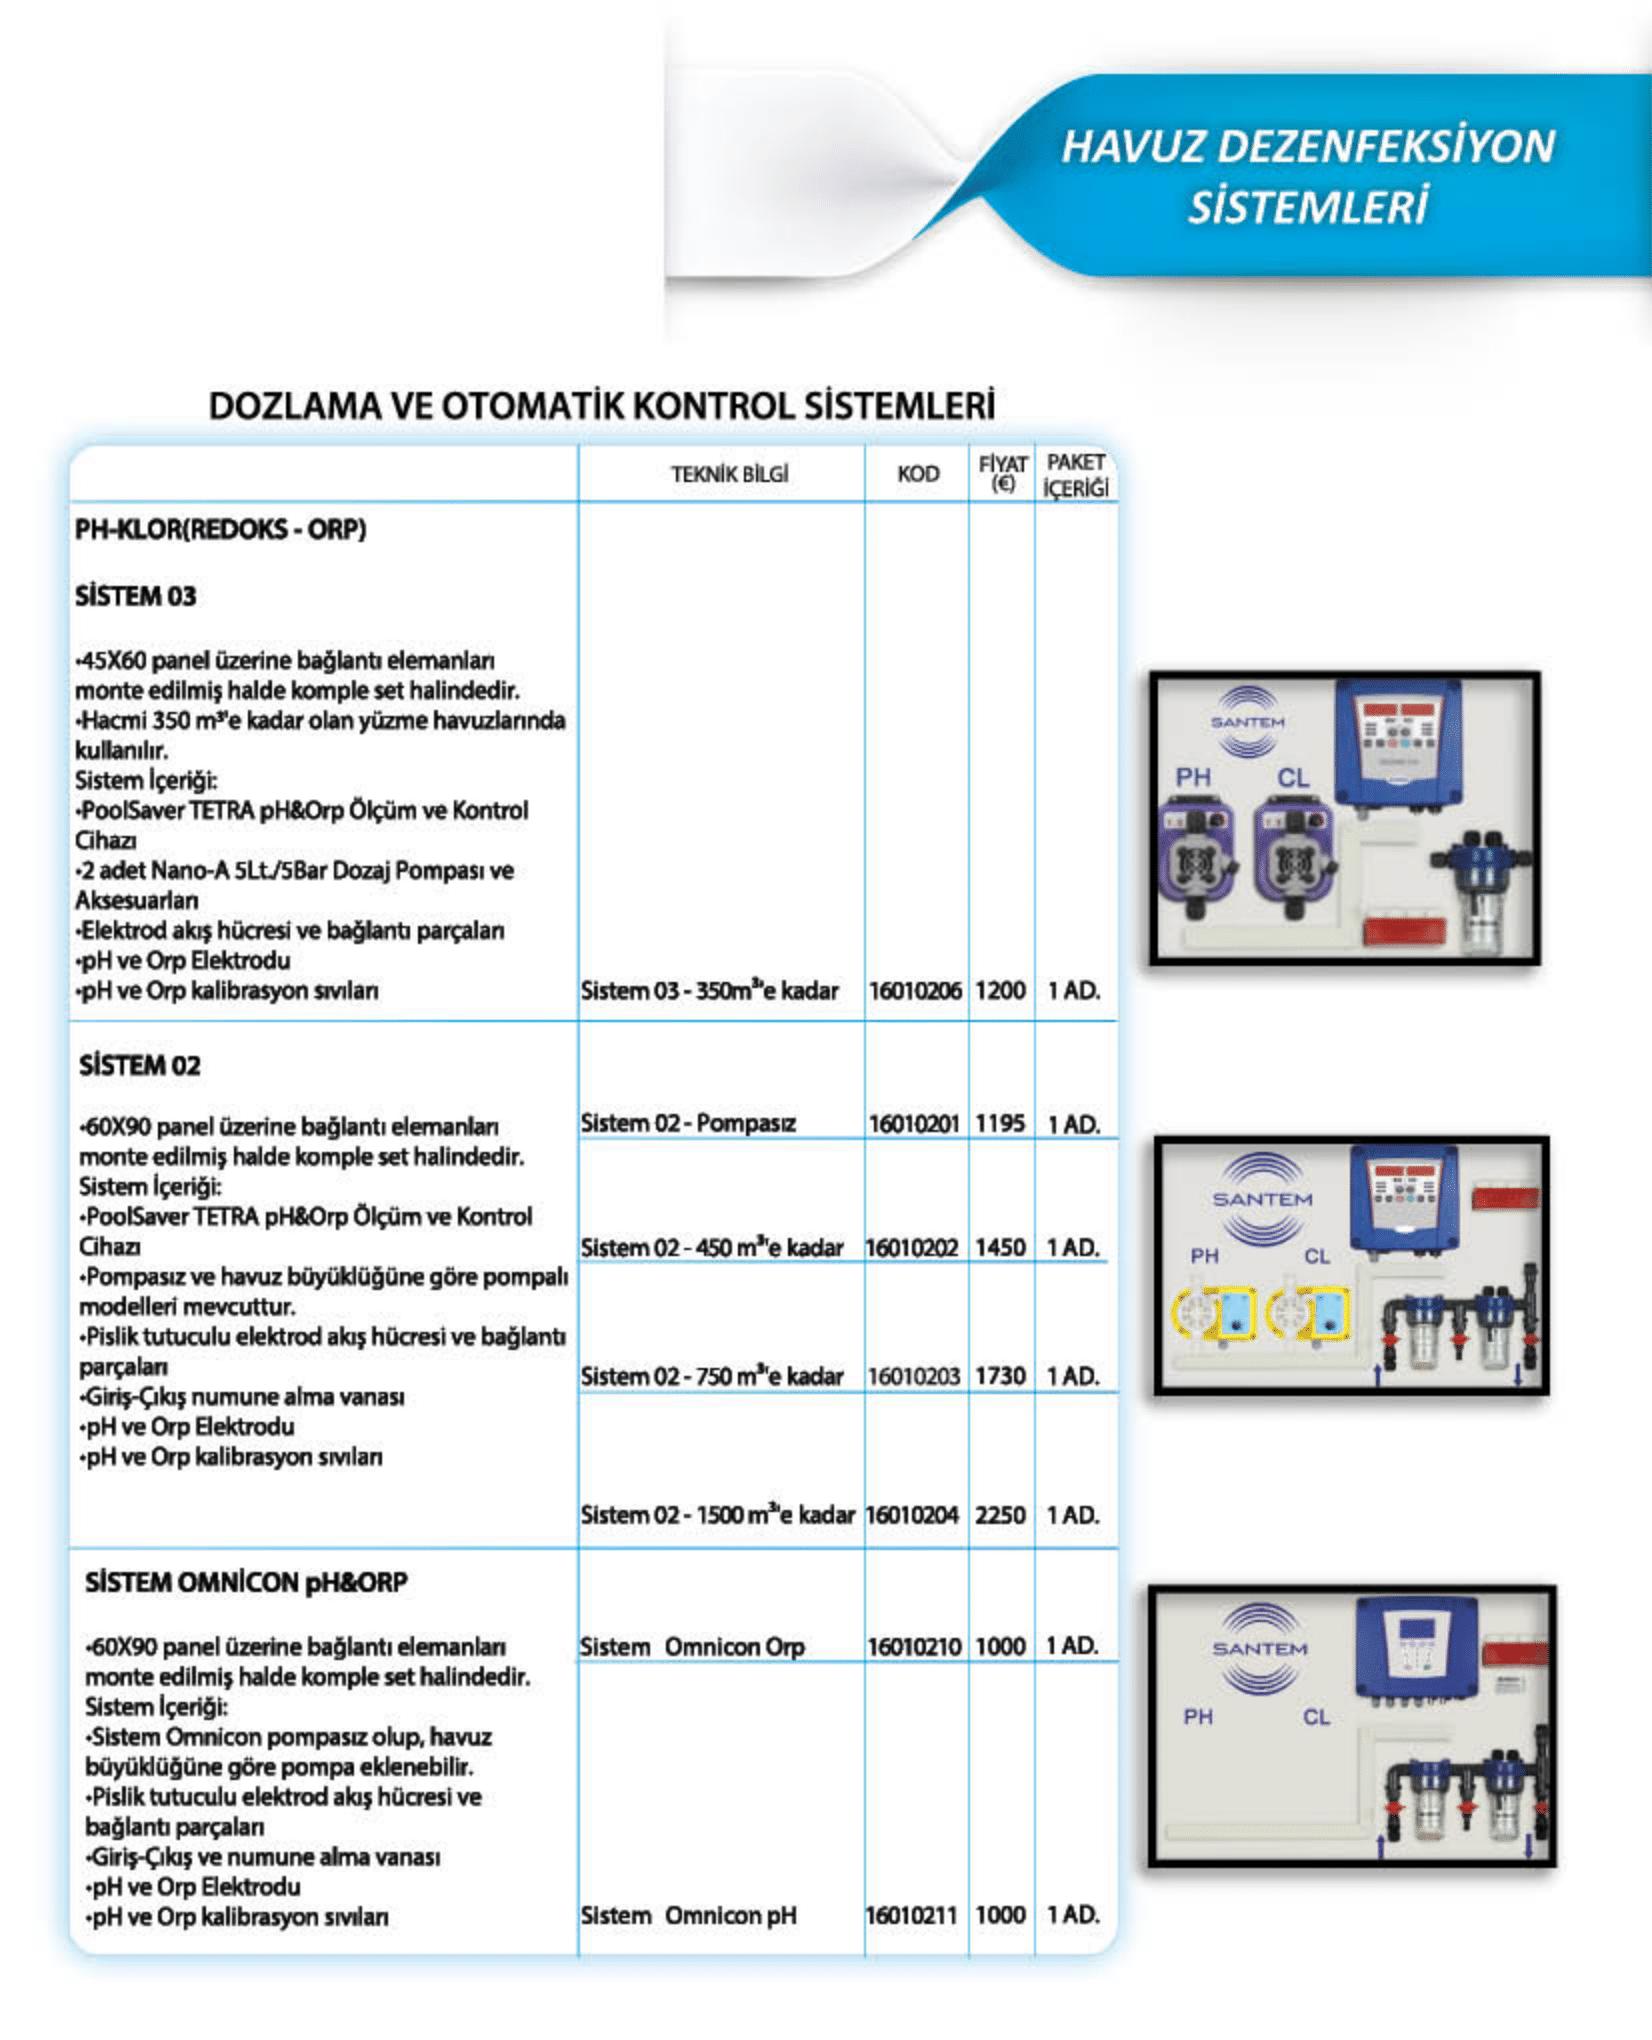 Dozlama ve Otomatik Kontrol Sistemleri Özellikler